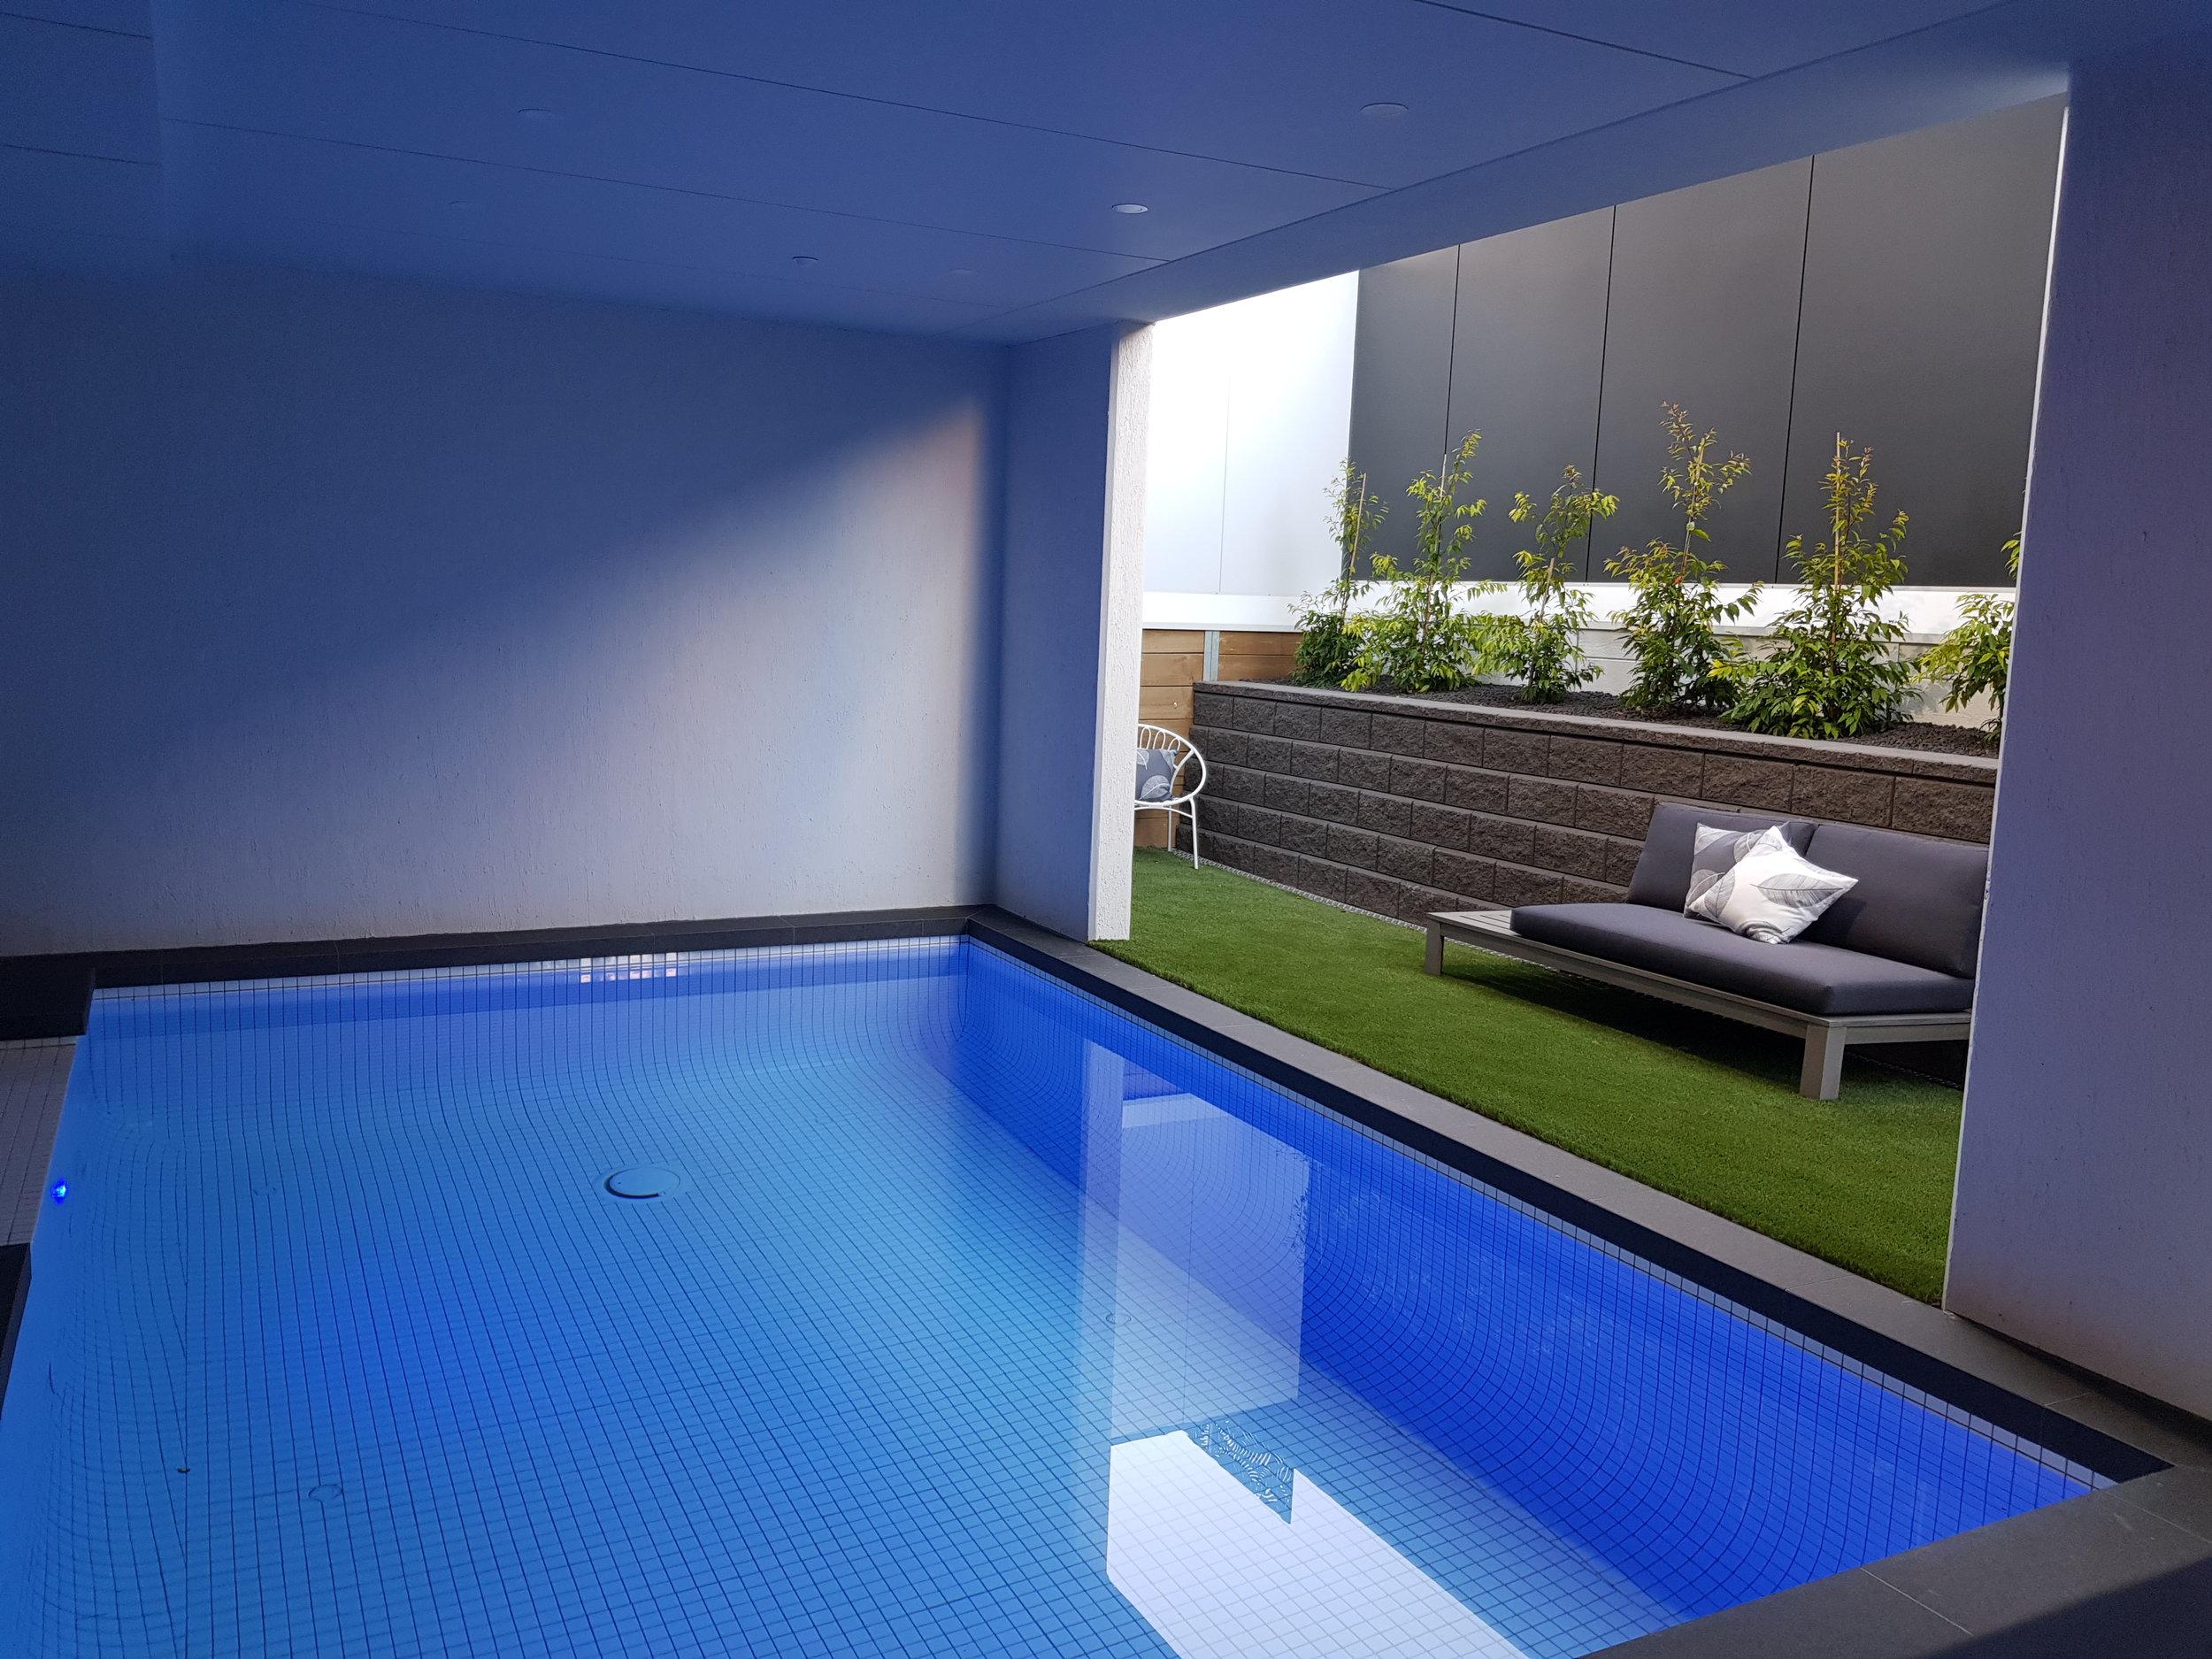 Ocean Grove Chalet heated indoor pool